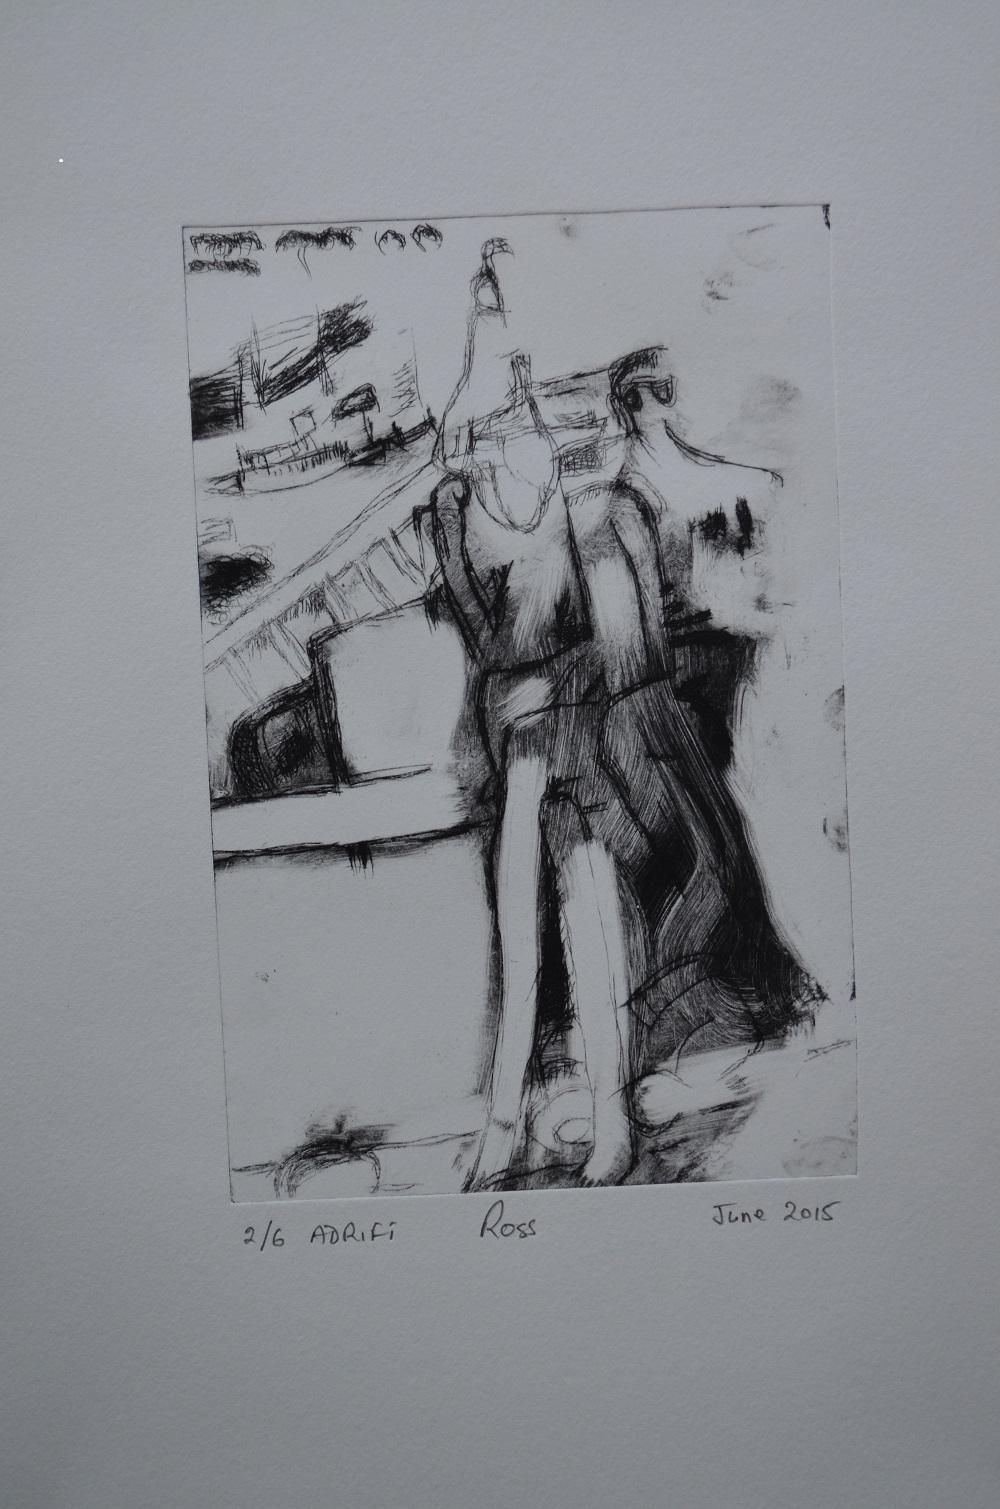 Ross Cowan, Adrifti, 2015